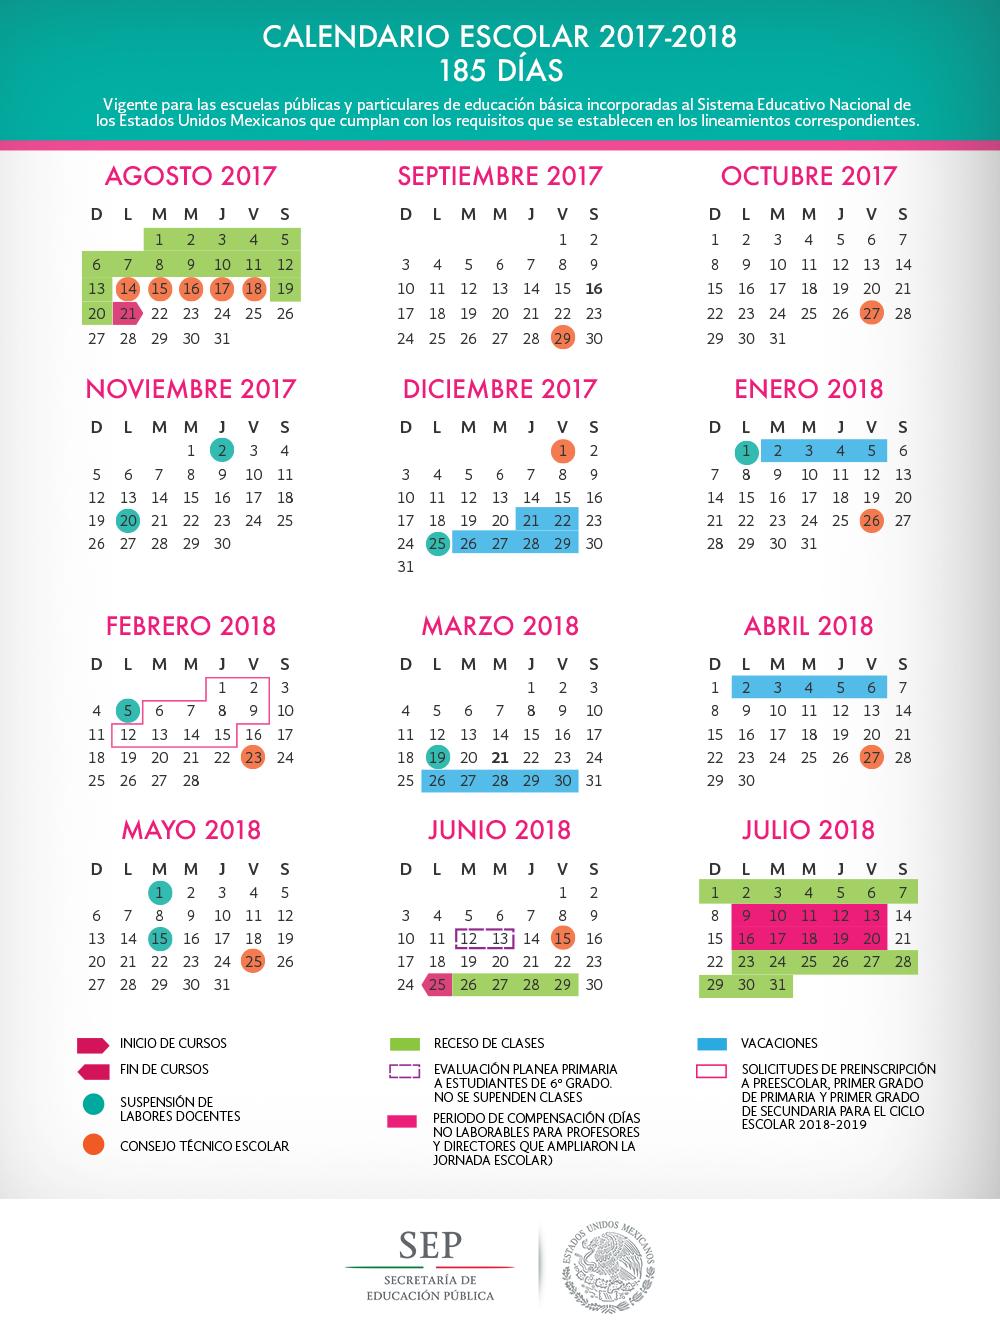 Calendario escolar secretara de educacin pblica gobierno gob calendario escolar thecheapjerseys Image collections